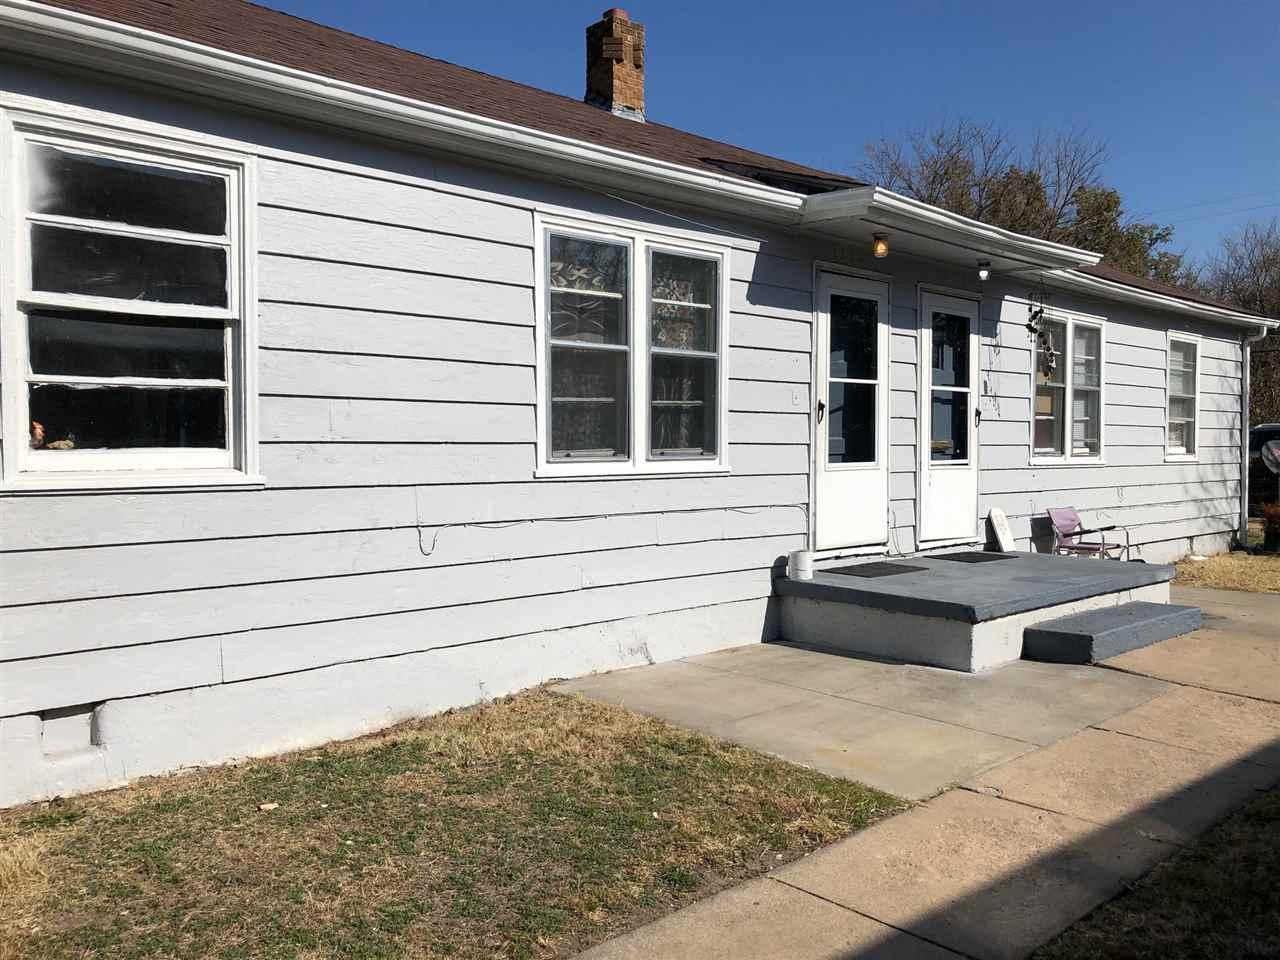 For Sale: 1532 S Wichita st., Wichita KS